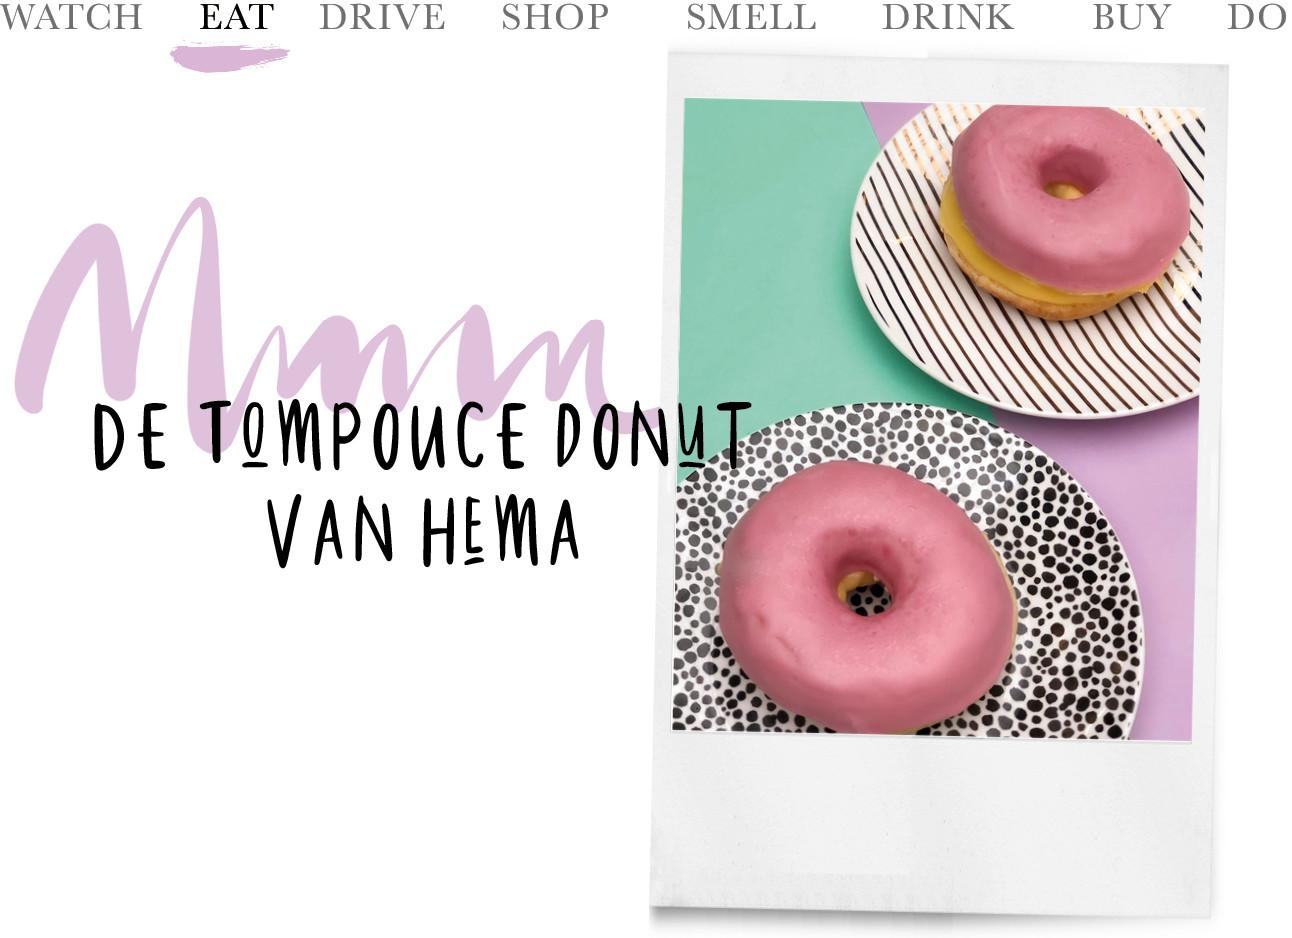 de nieuw donuts van de hema